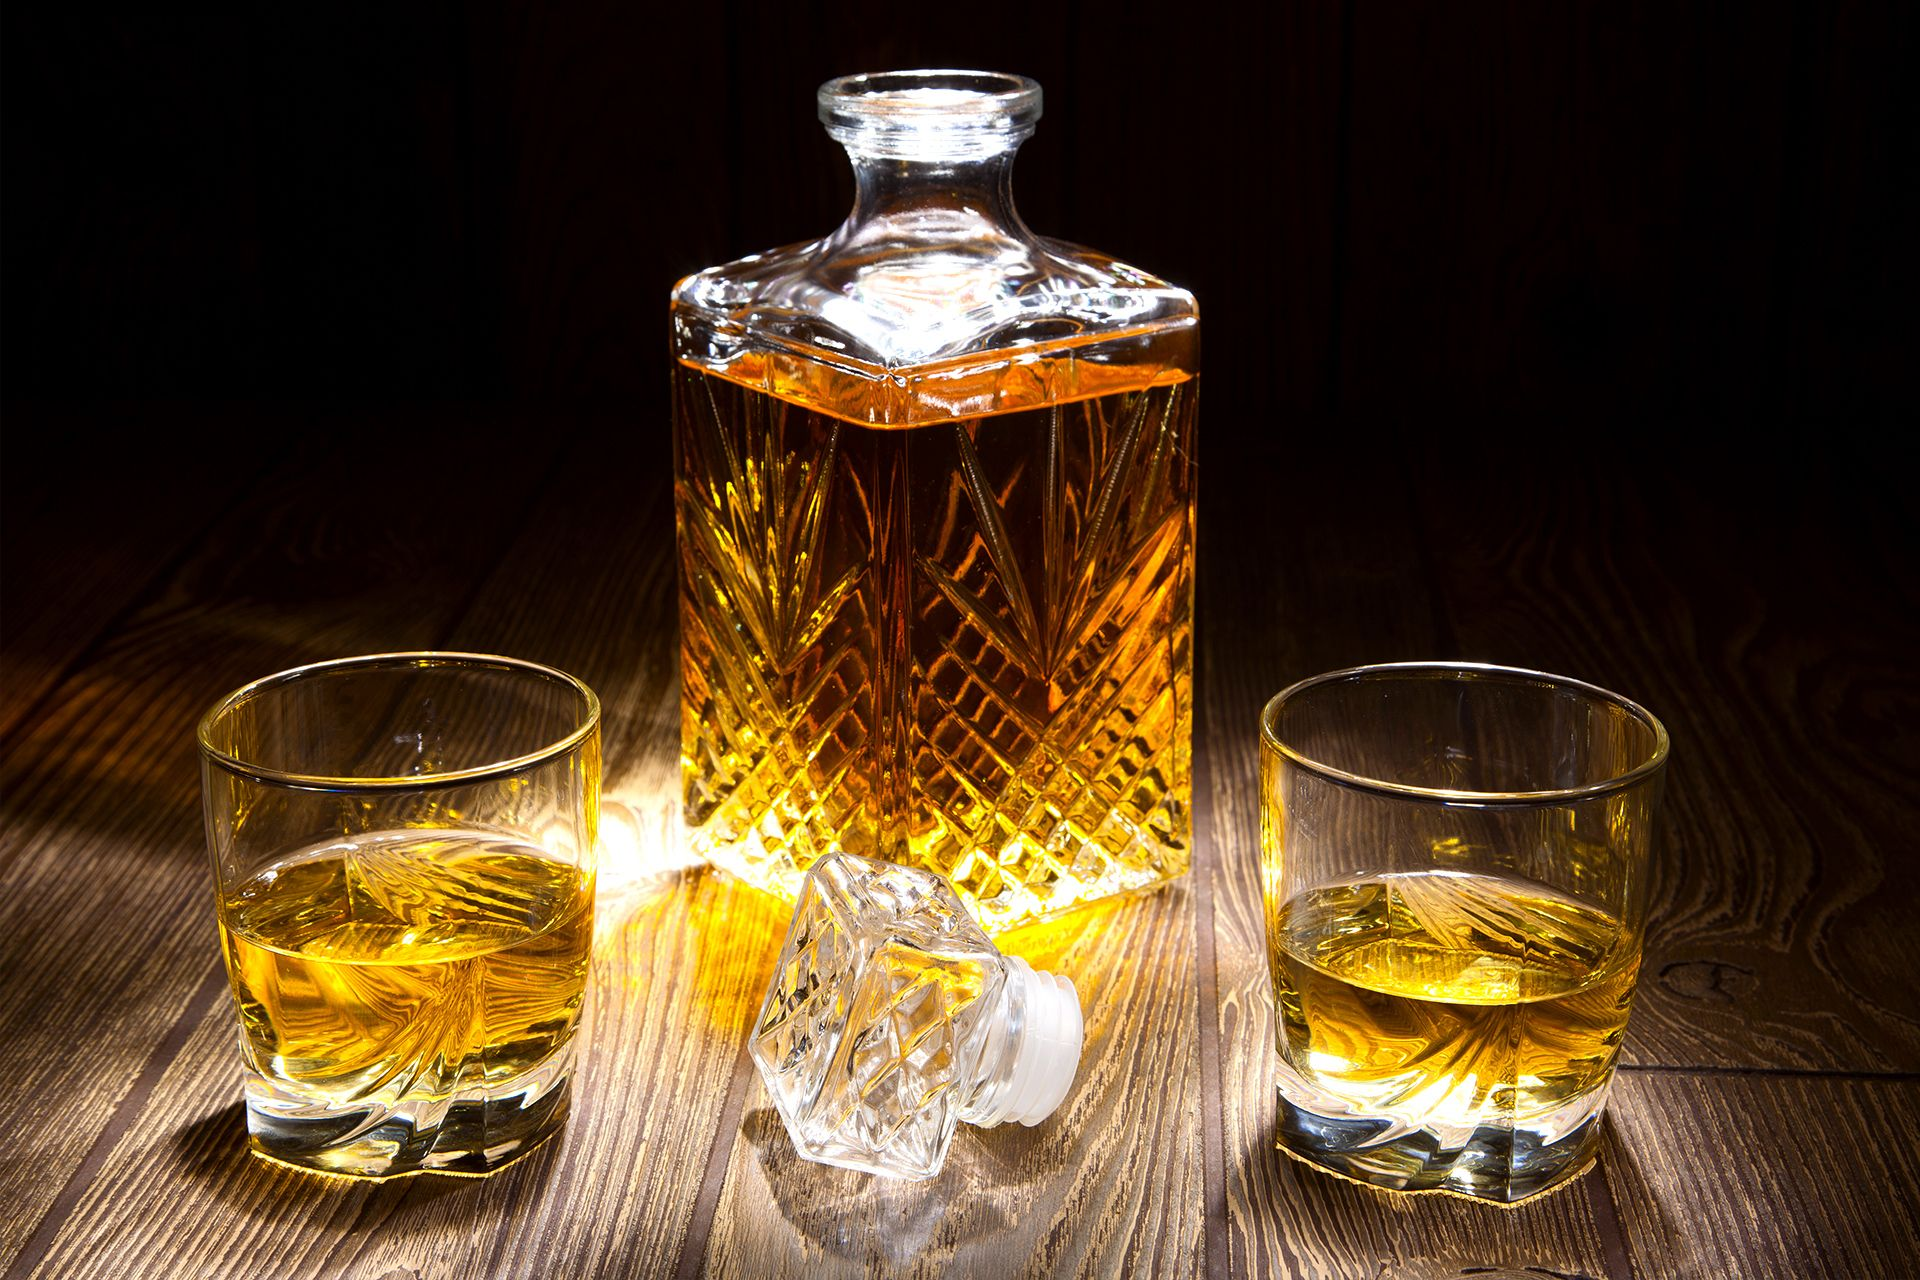 Фото графина с виски